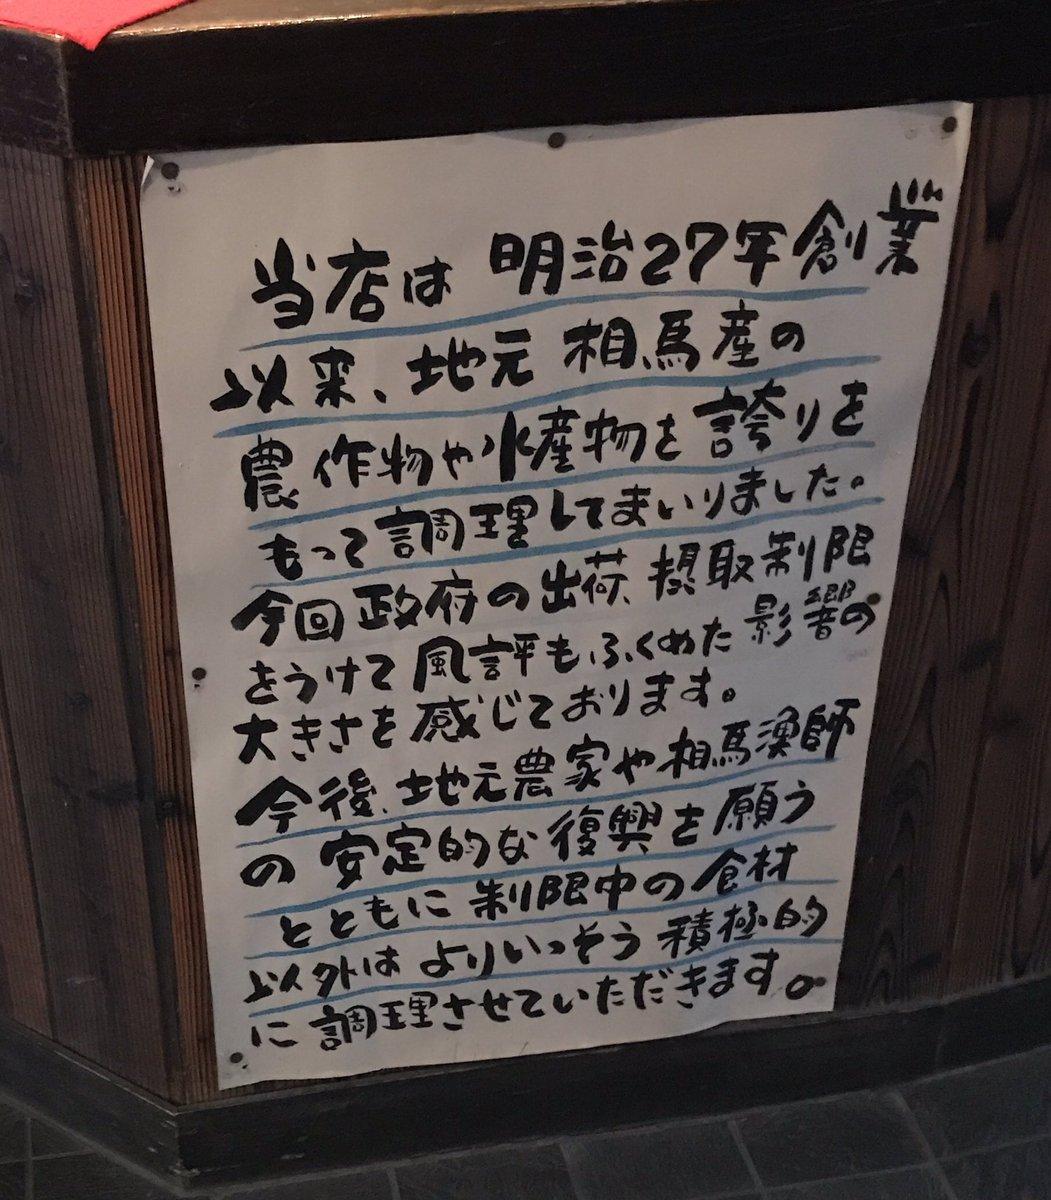 福島県は相馬市にやってきた。何にも知らないで入った店に貼ってある強い宣言。こういうリアルがあるという…